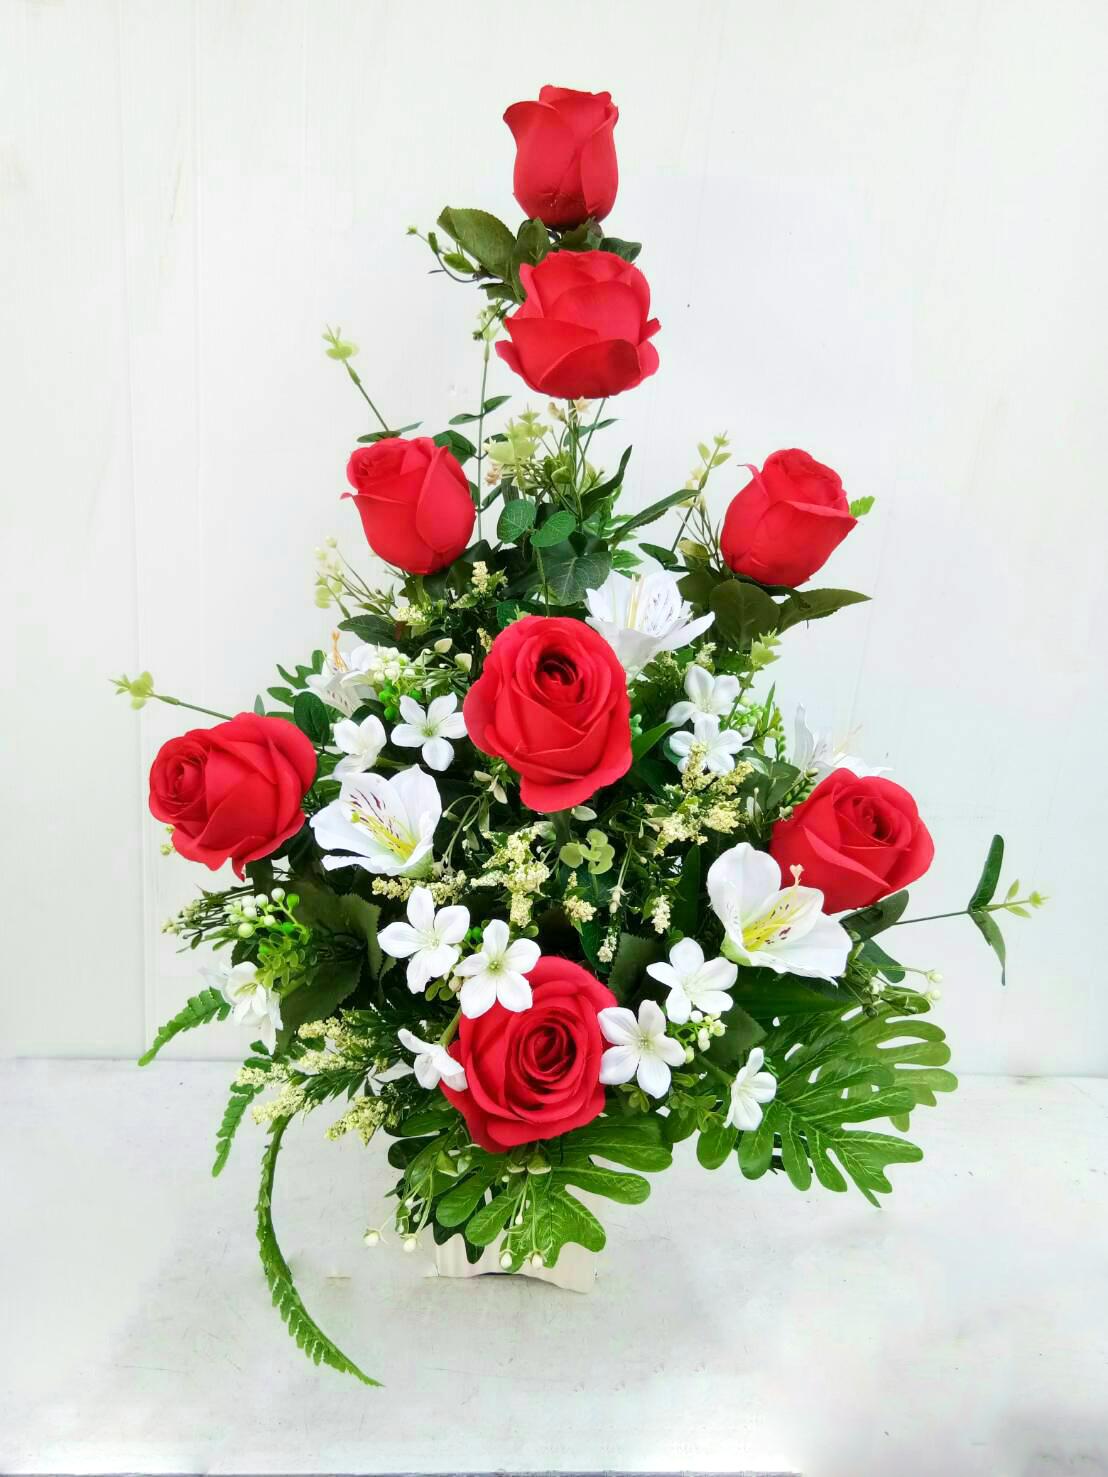 แจกันดอกไม้ประดิษฐ์กุหลาบแดงใหญ่ รหัส 4007